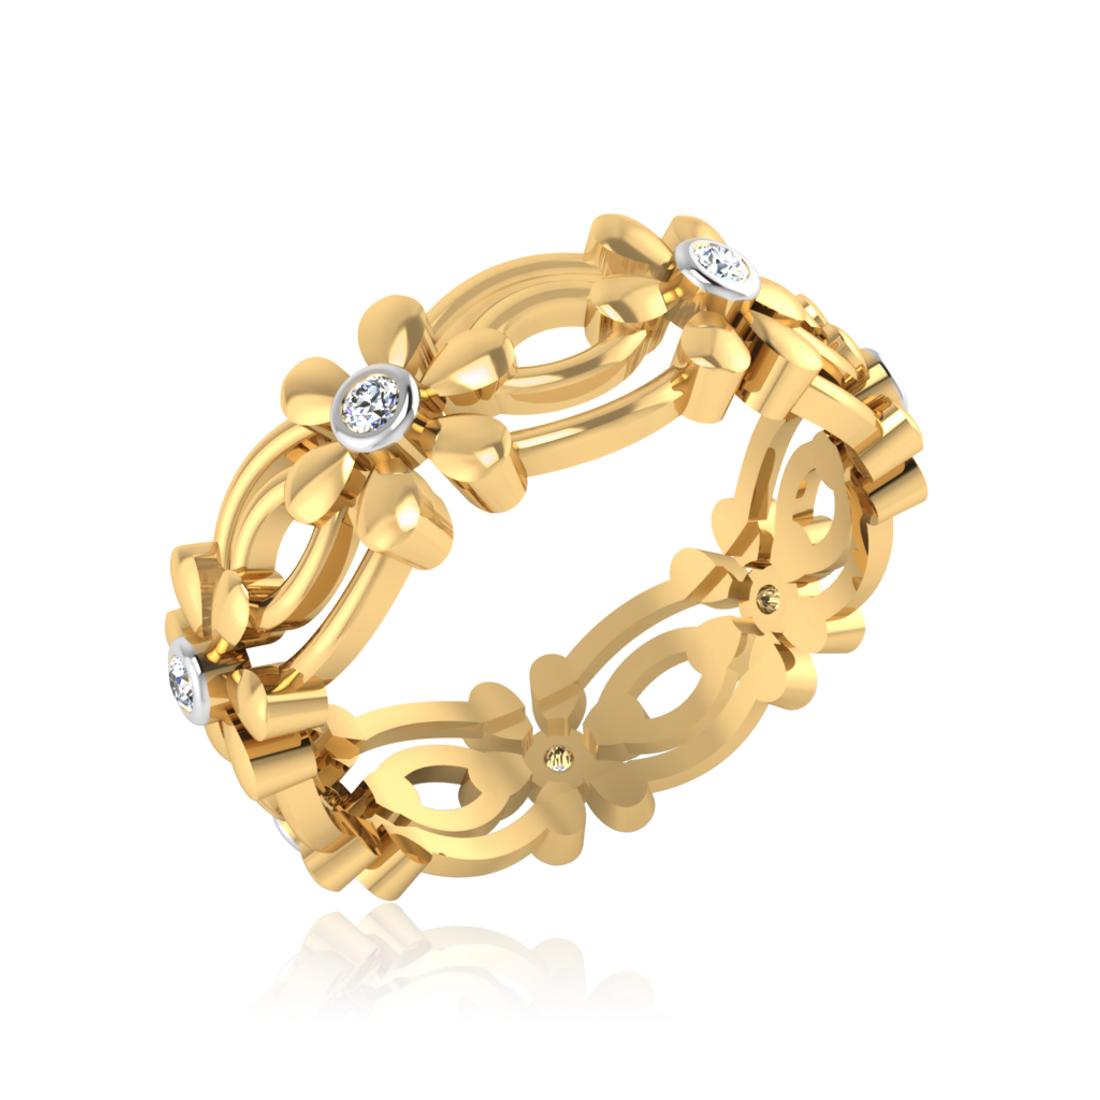 Iski Uski Artistry Charm Ring